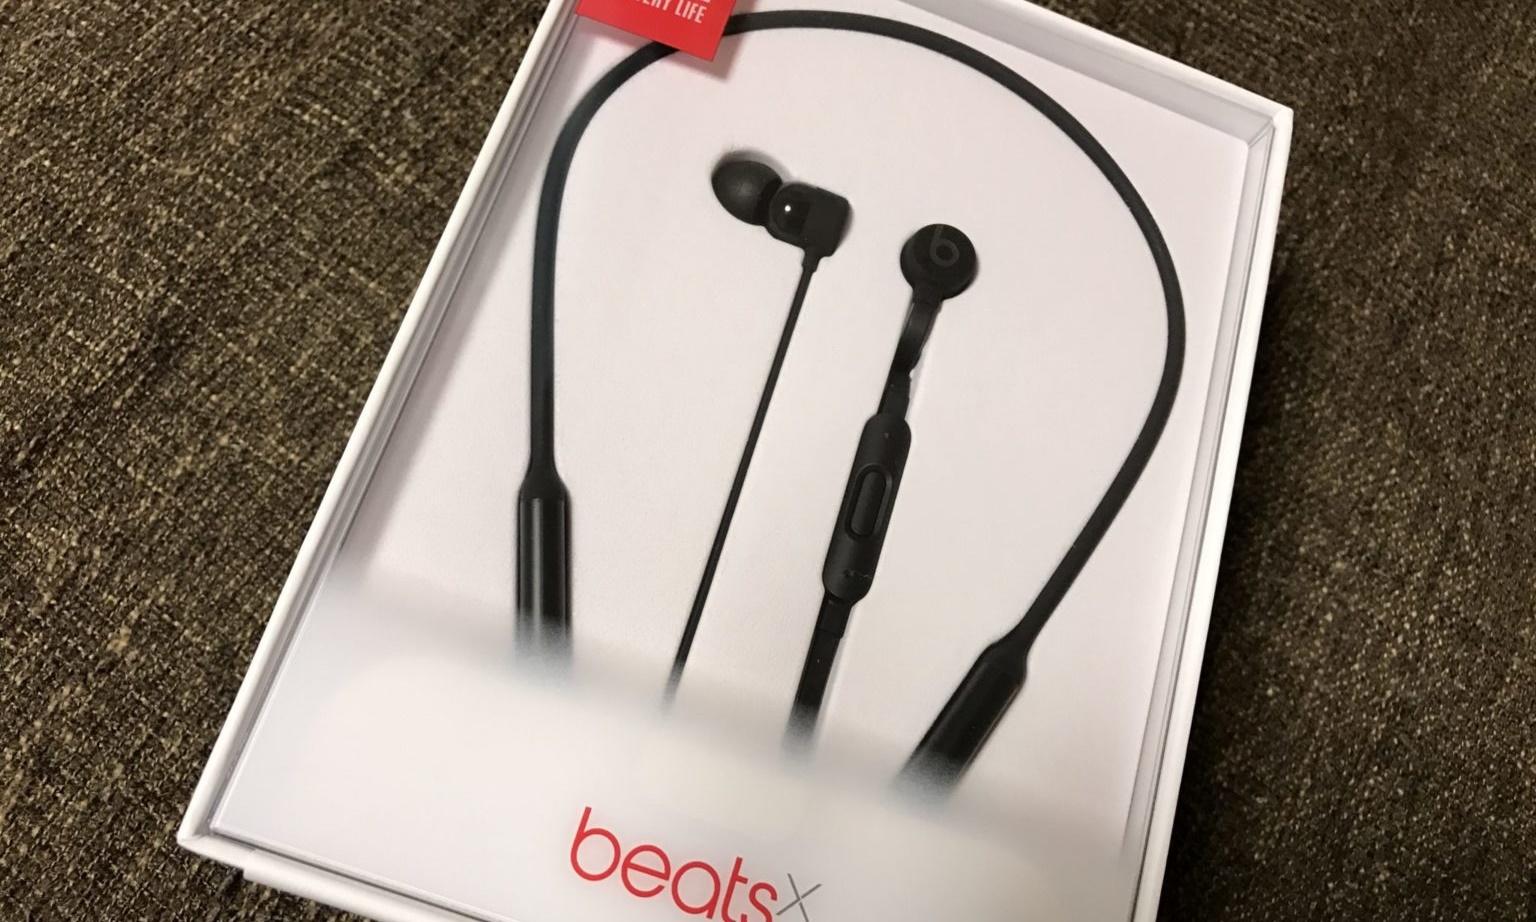 Beats Xで音を遮断